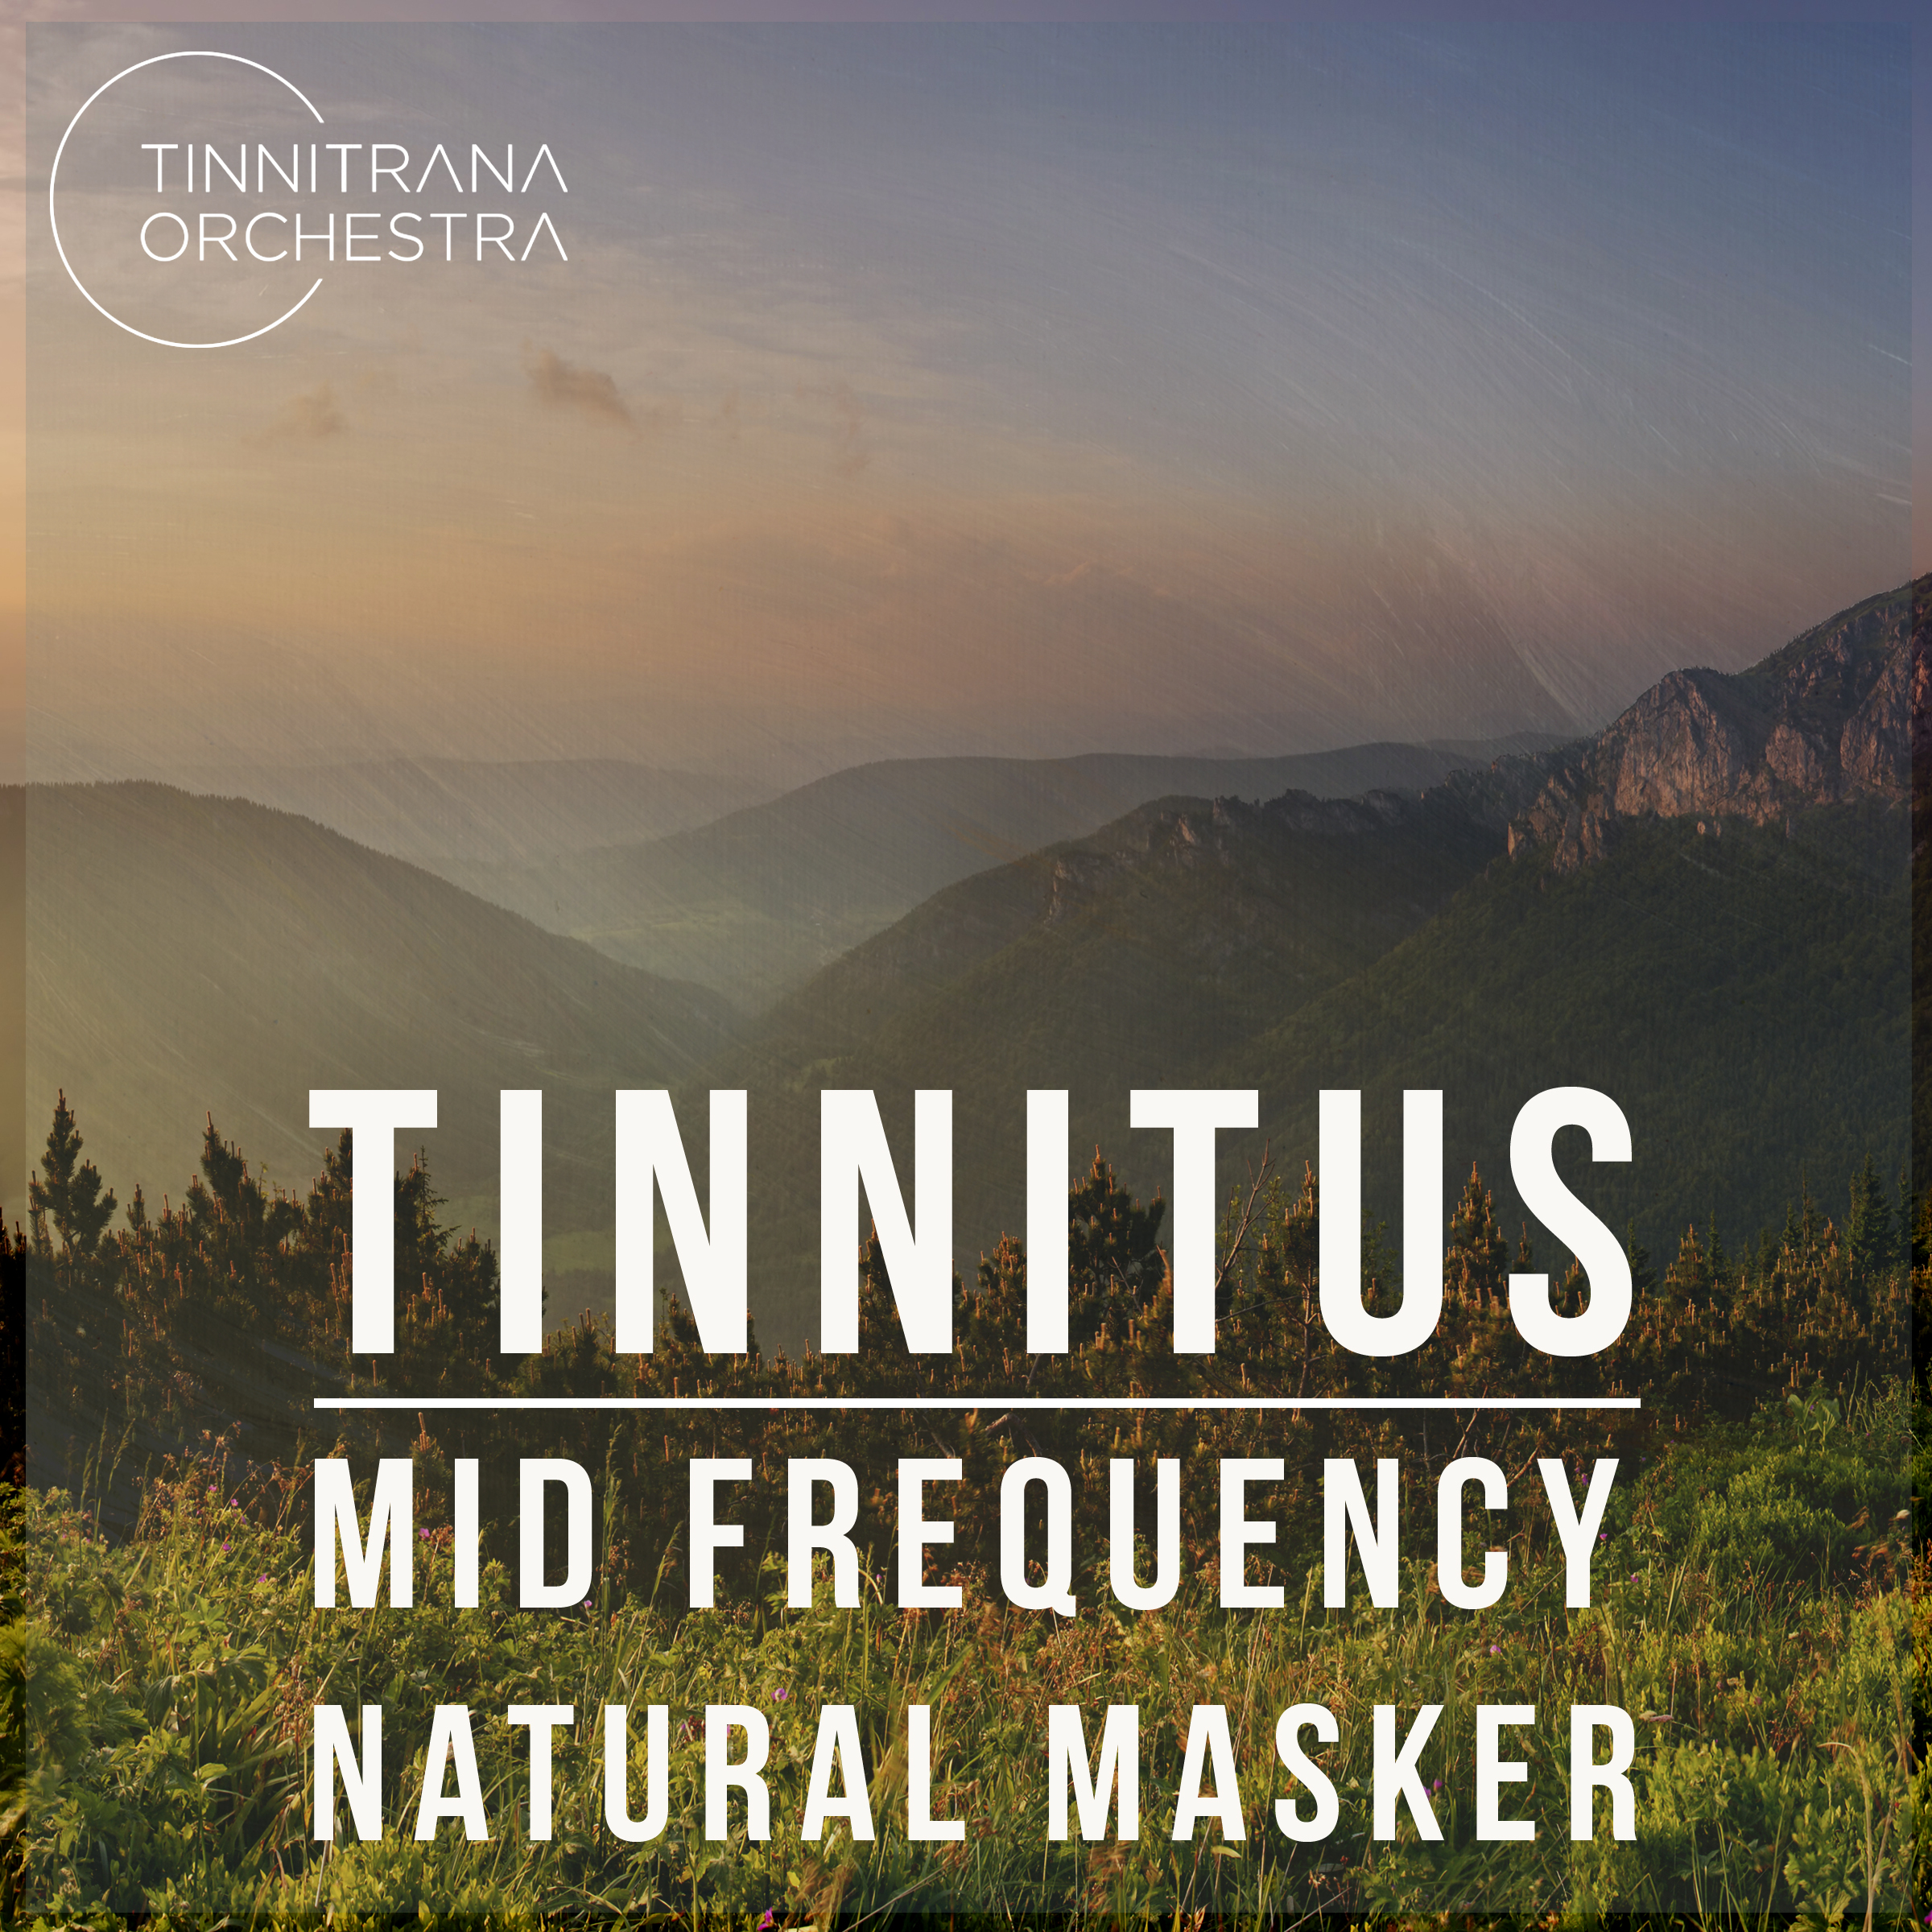 Tinnitrana Orchestra - MId Masker